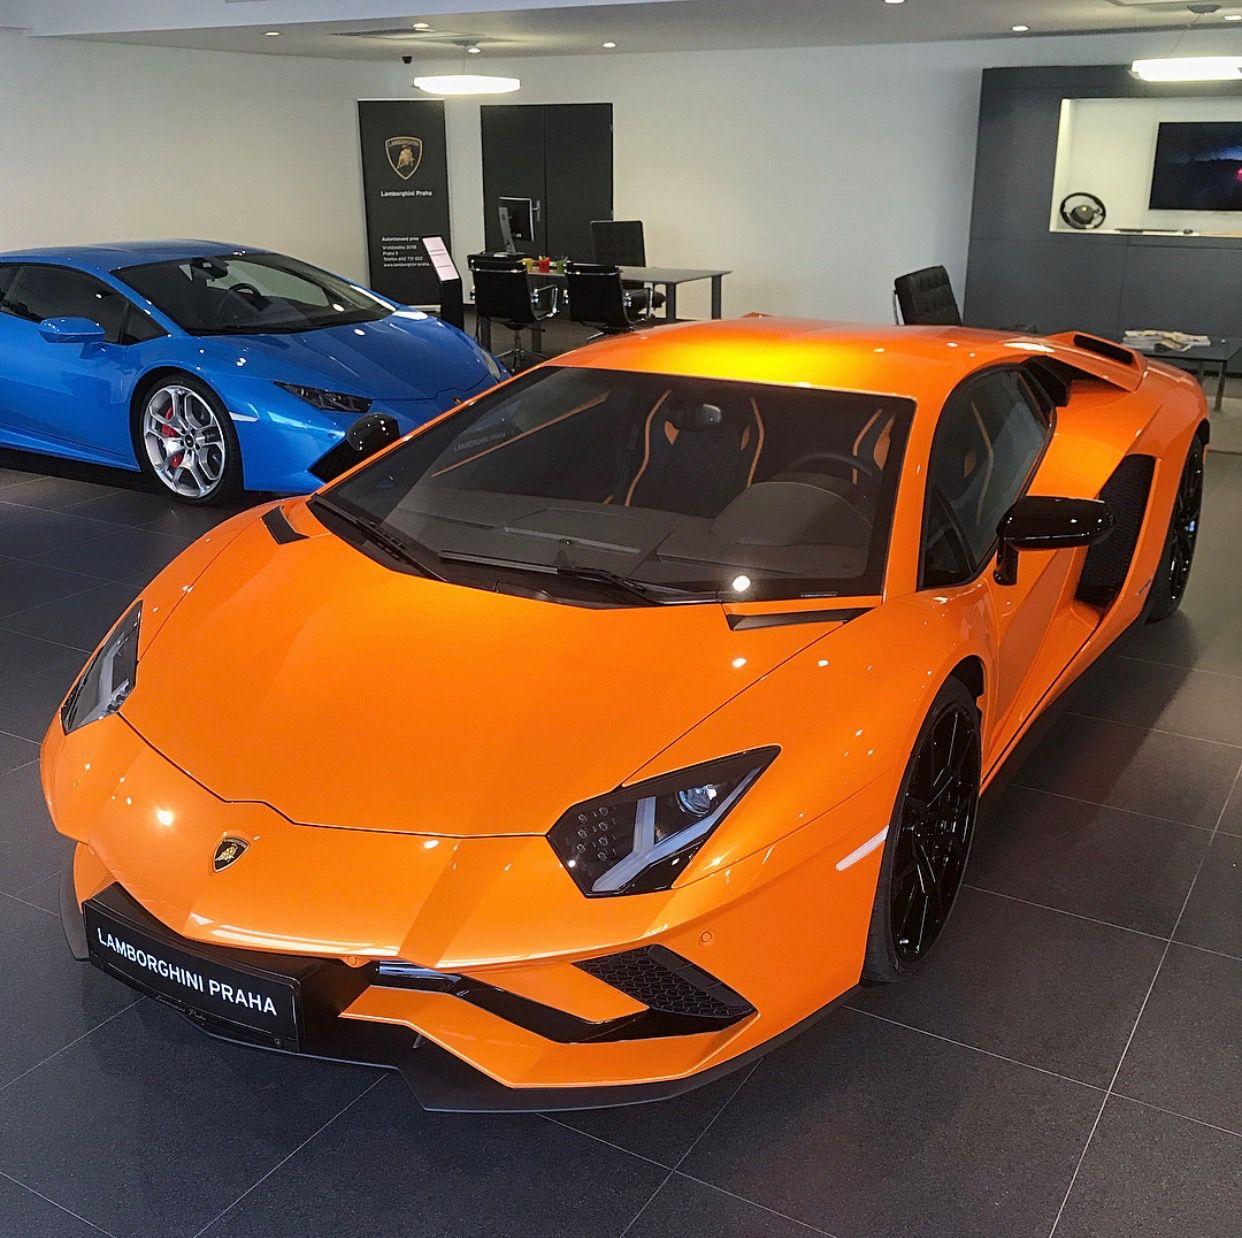 Lamborghini Aventador S painted in Arancio Atlas and a Lamborghini on